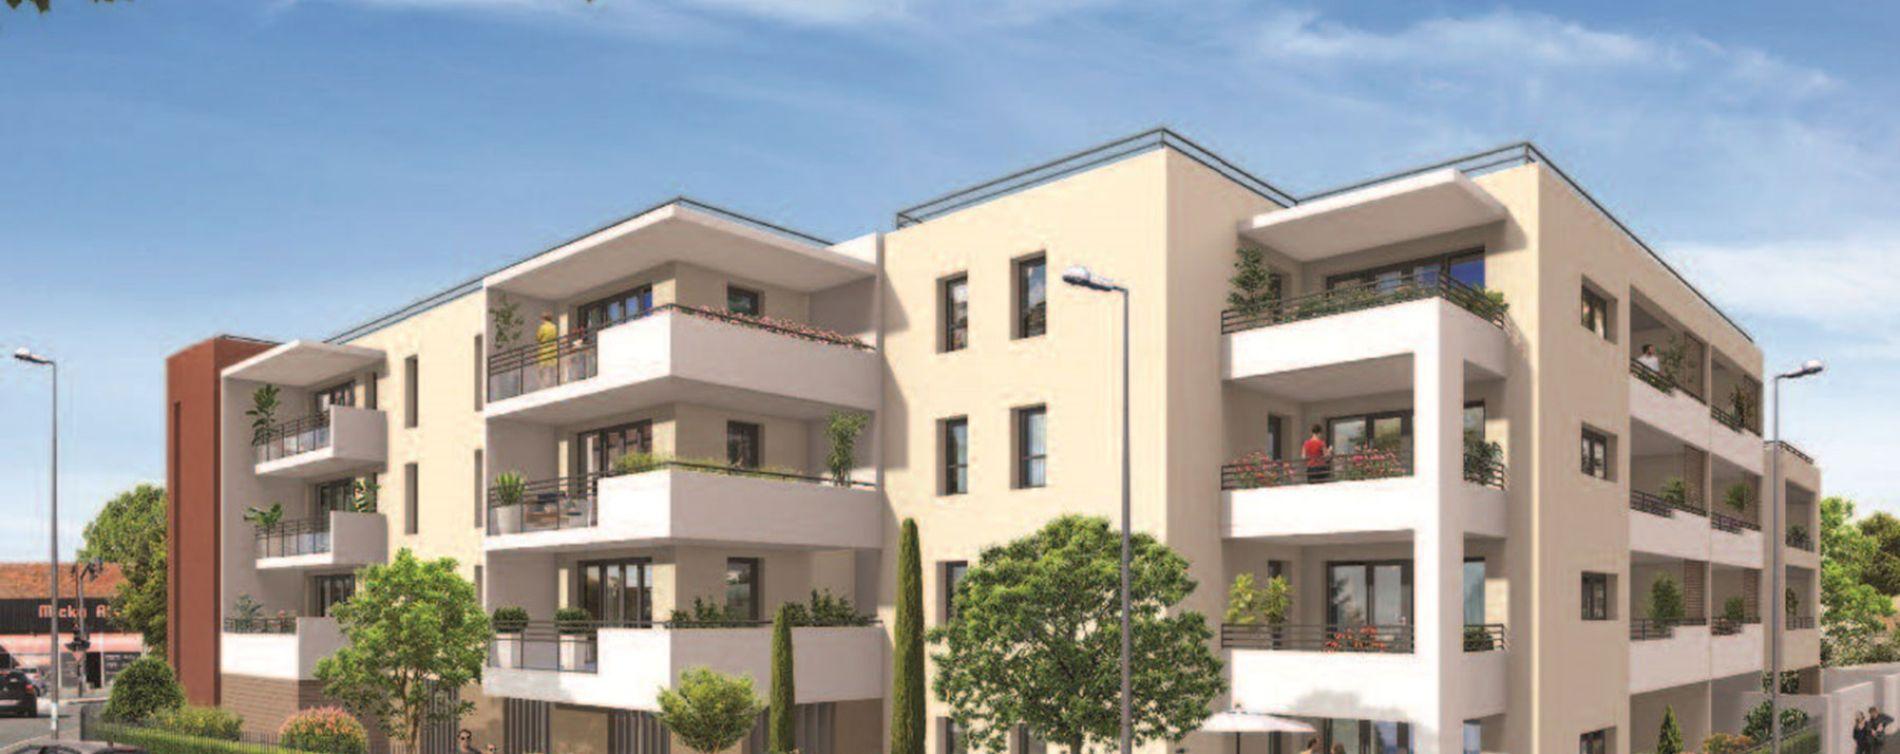 Le Pontet : programme immobilier neuve « L'Eveil » en Loi Pinel